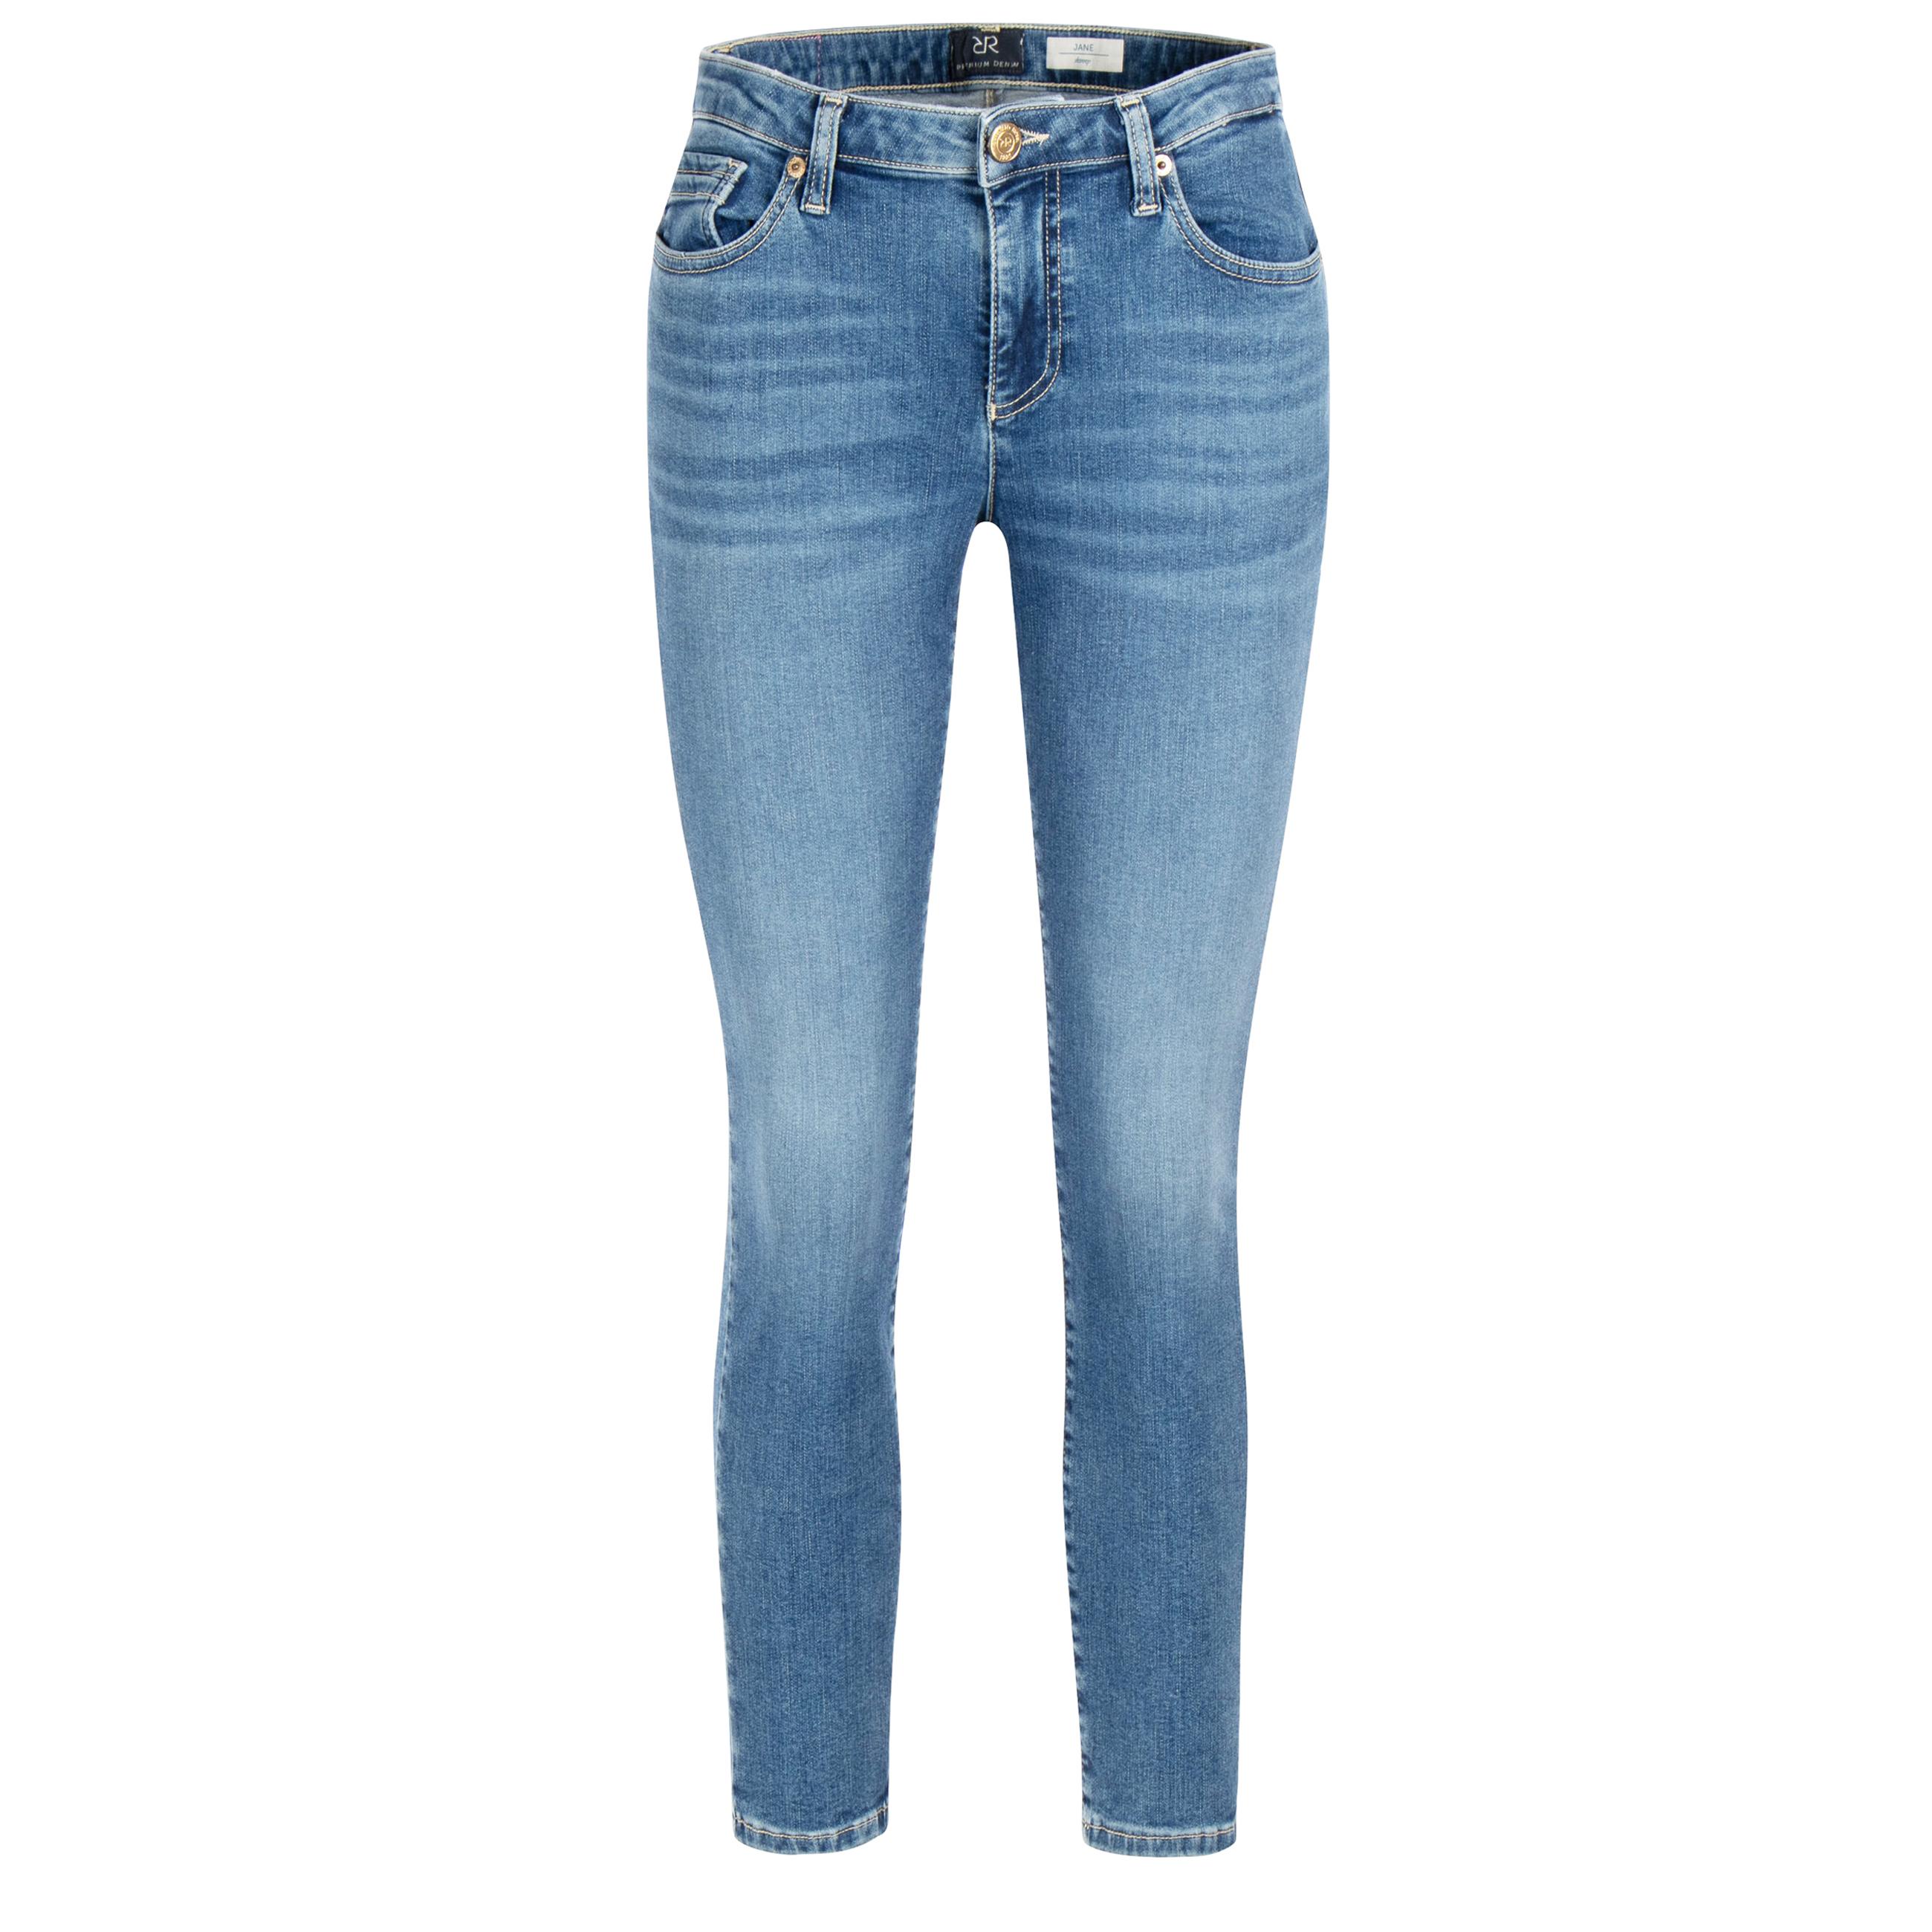 Raffaello Rossi Jeans Jane 7/8 Länge 38